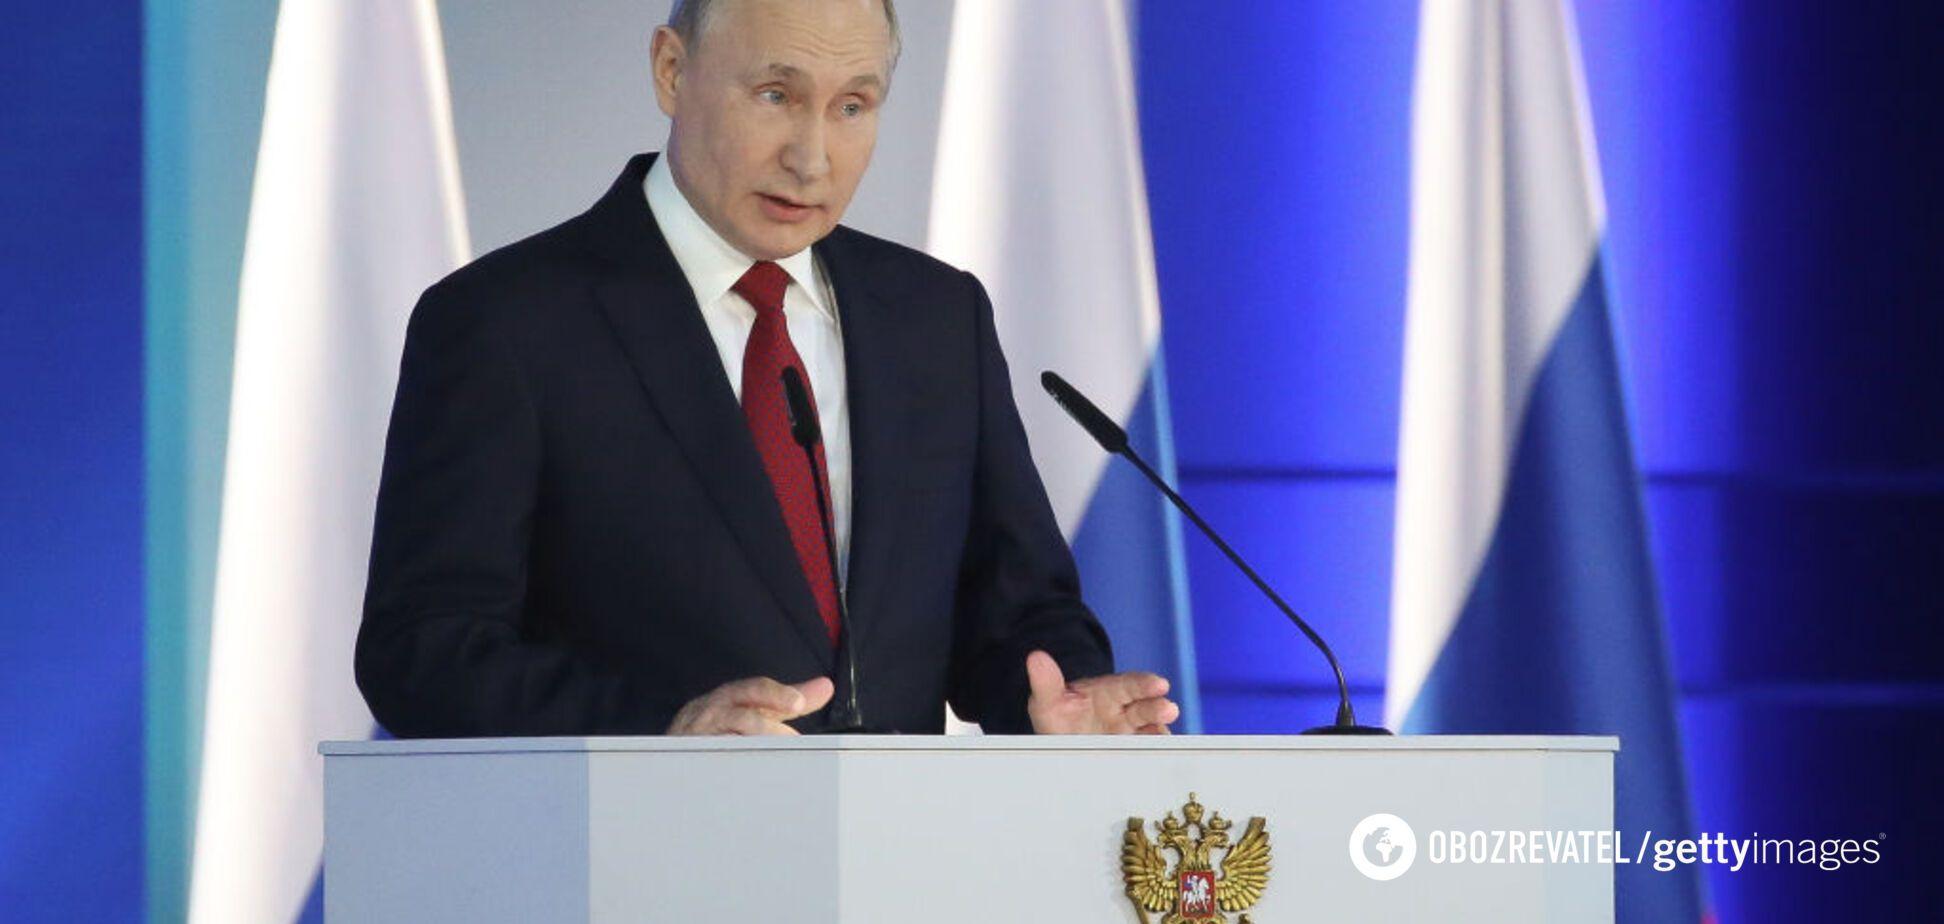 Россияне вывели из банков $5 млрд после предложений Путина обложить депозиты налогом